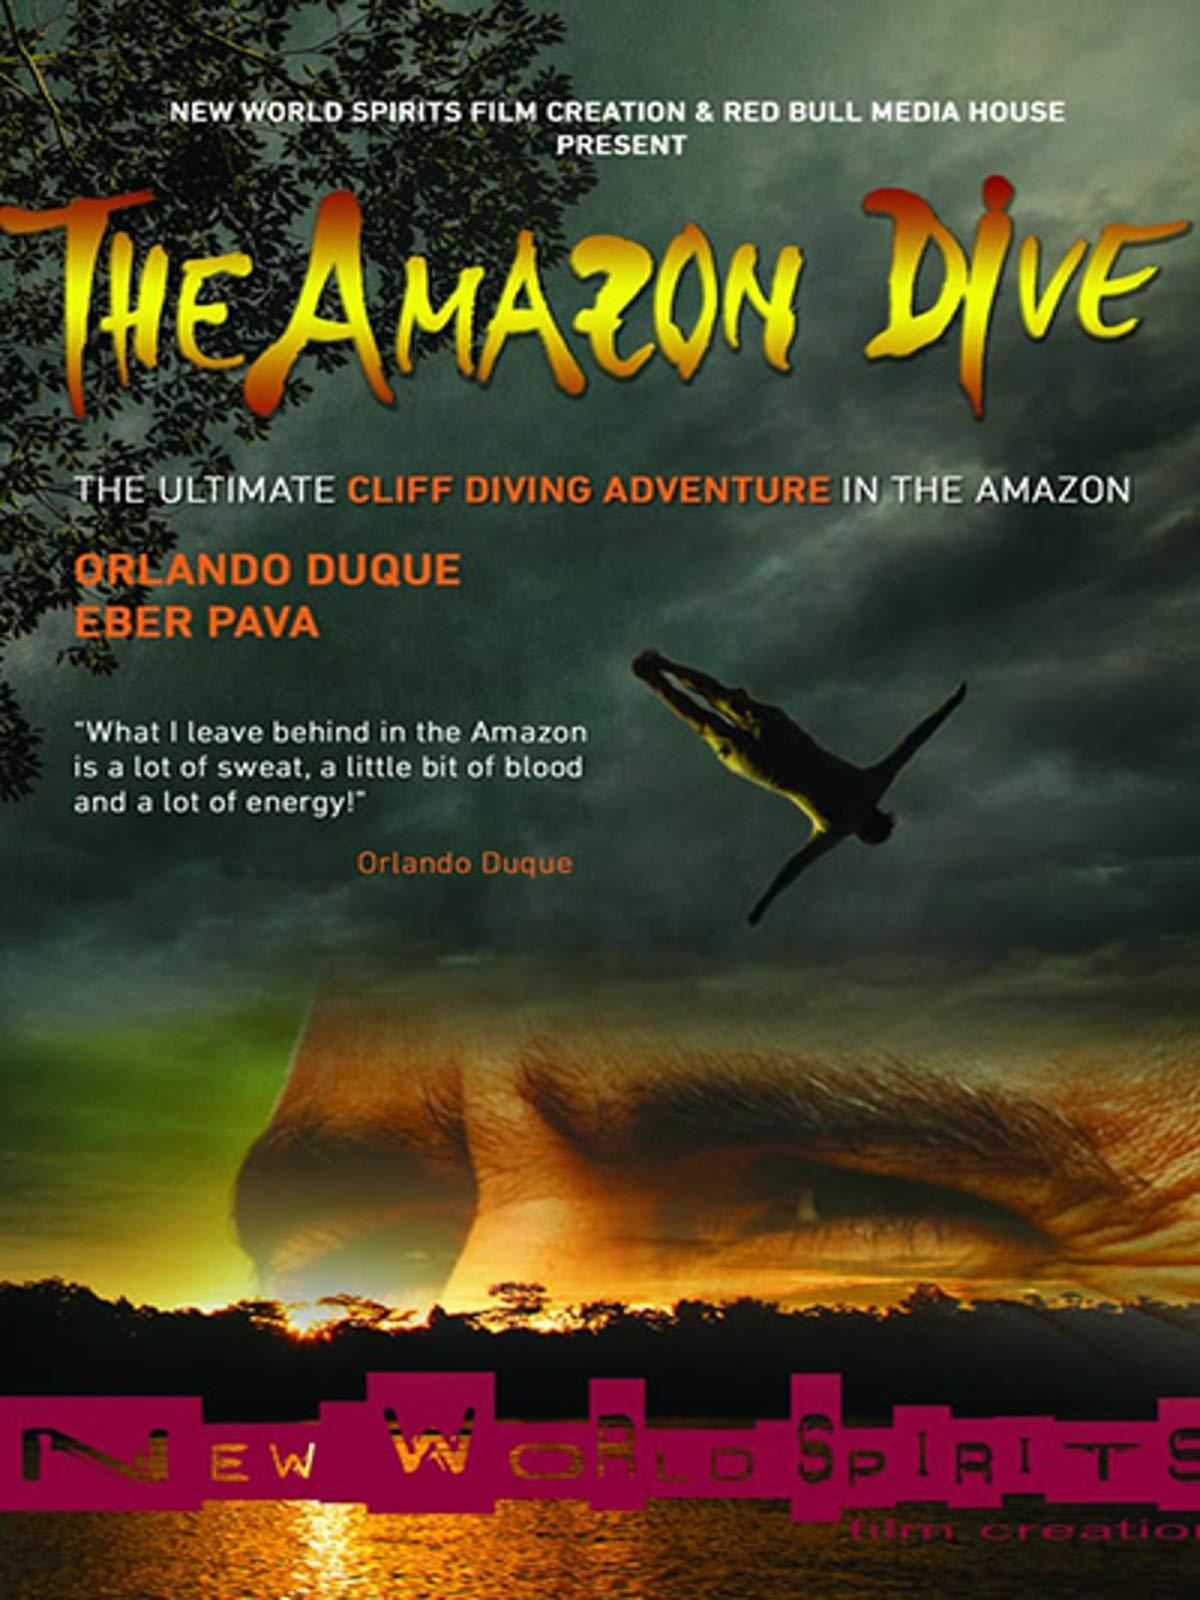 The Amazon Dive